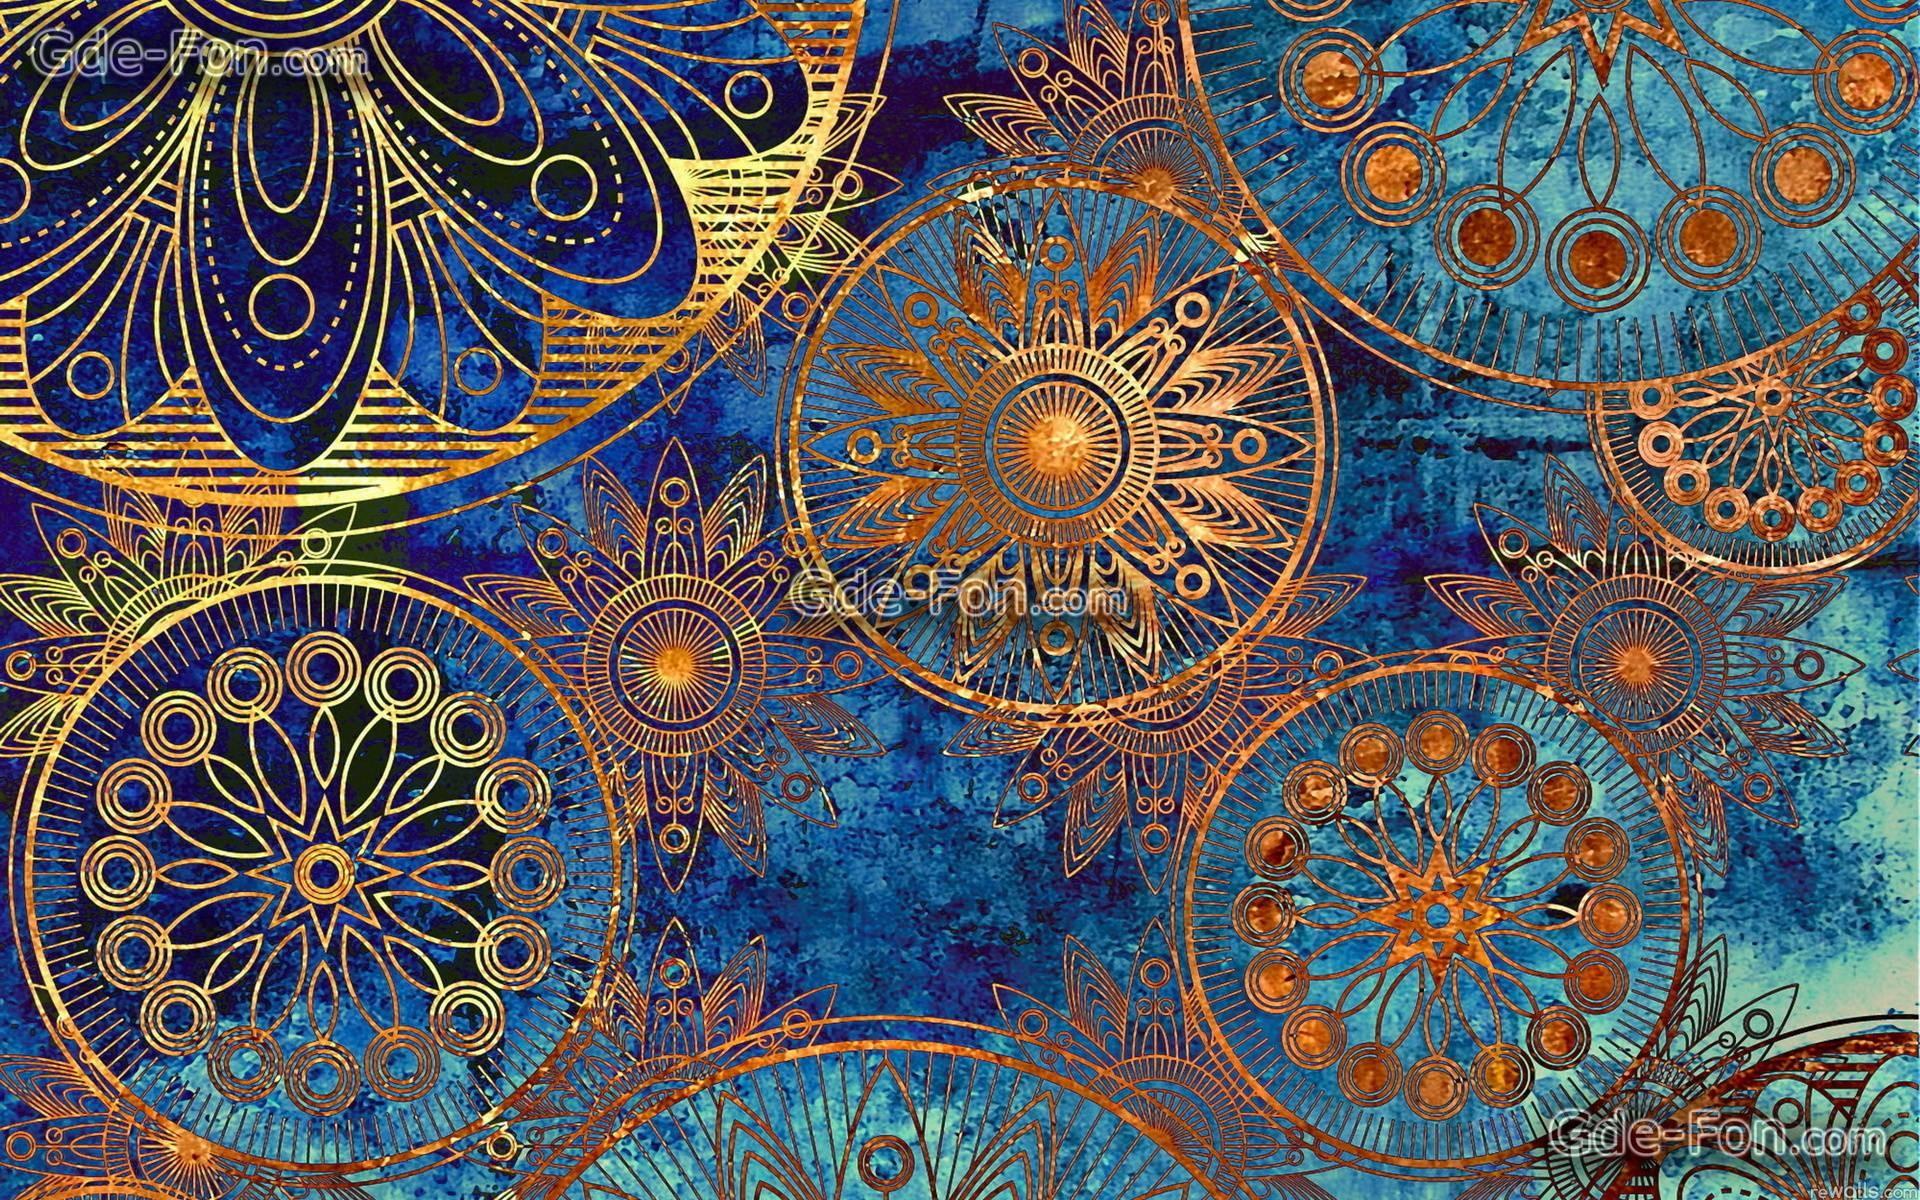 Desktop Wallpaper Patterns Vintage